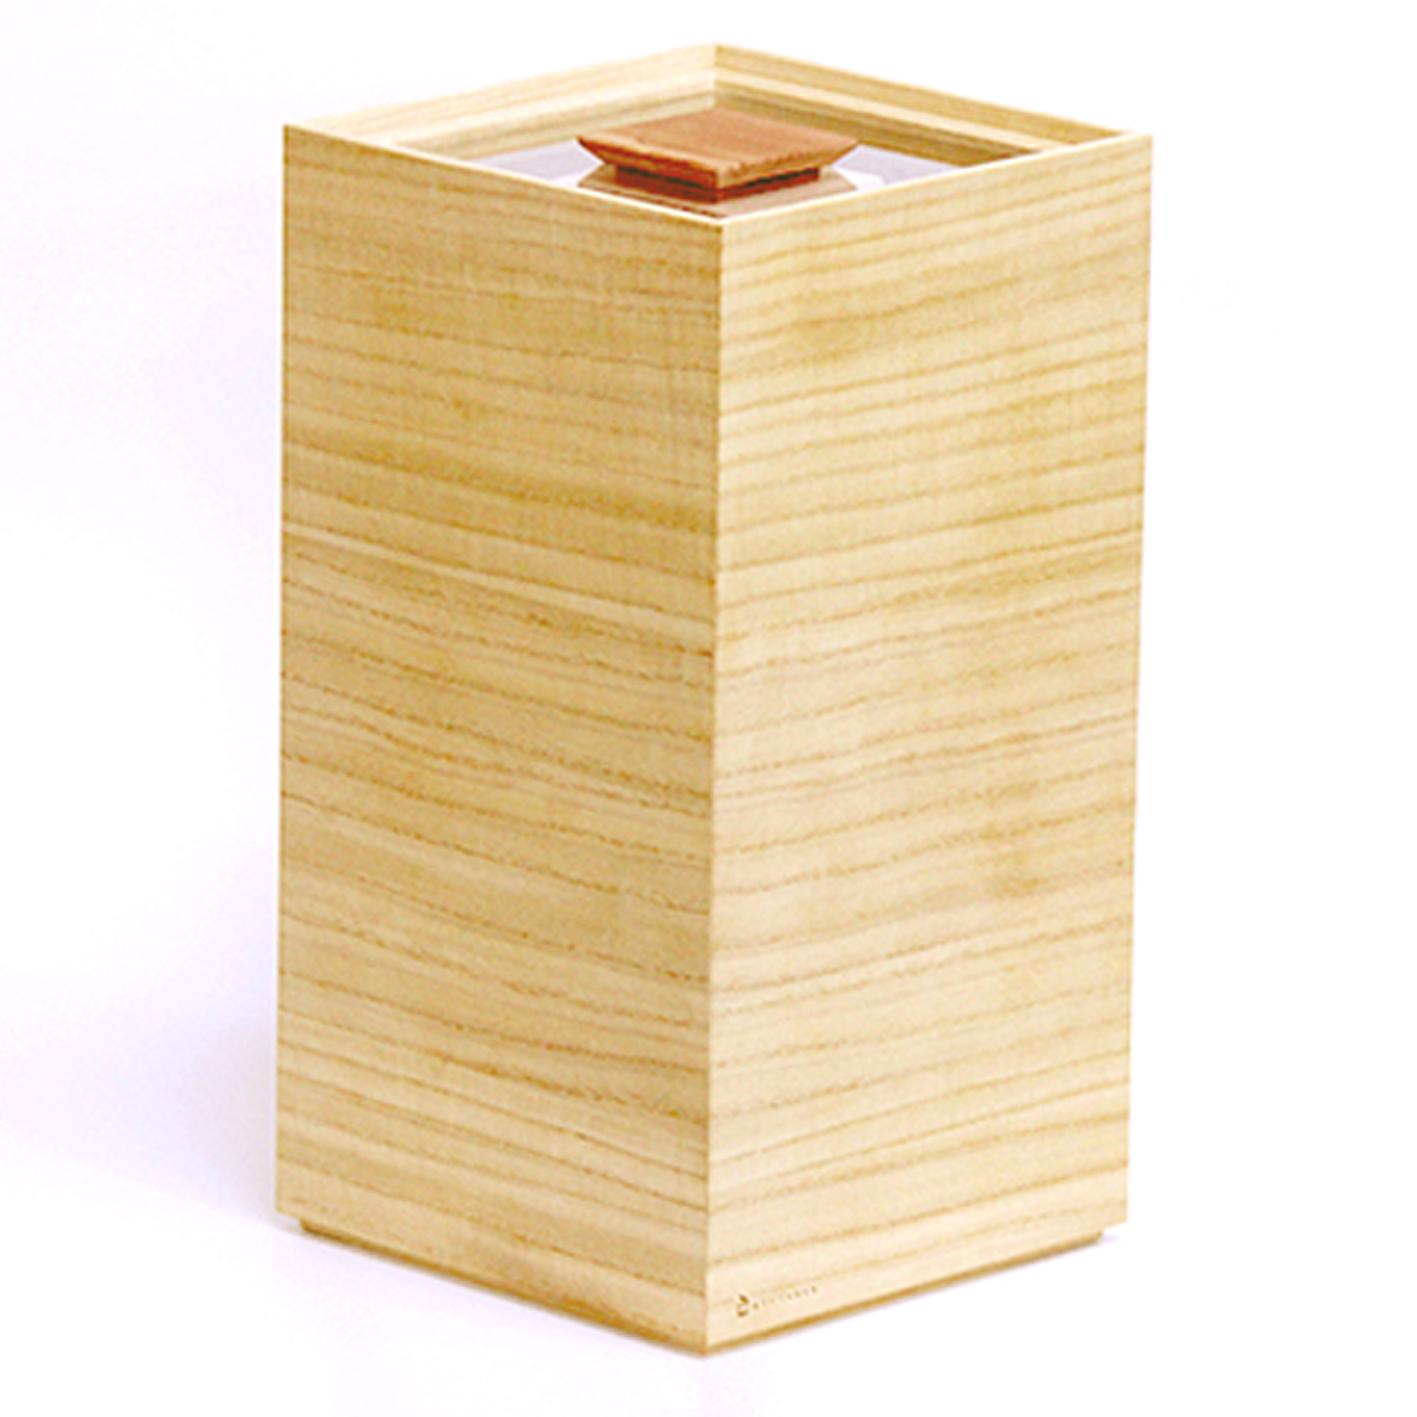 増田桐箱店 桐製米びつ 10kg